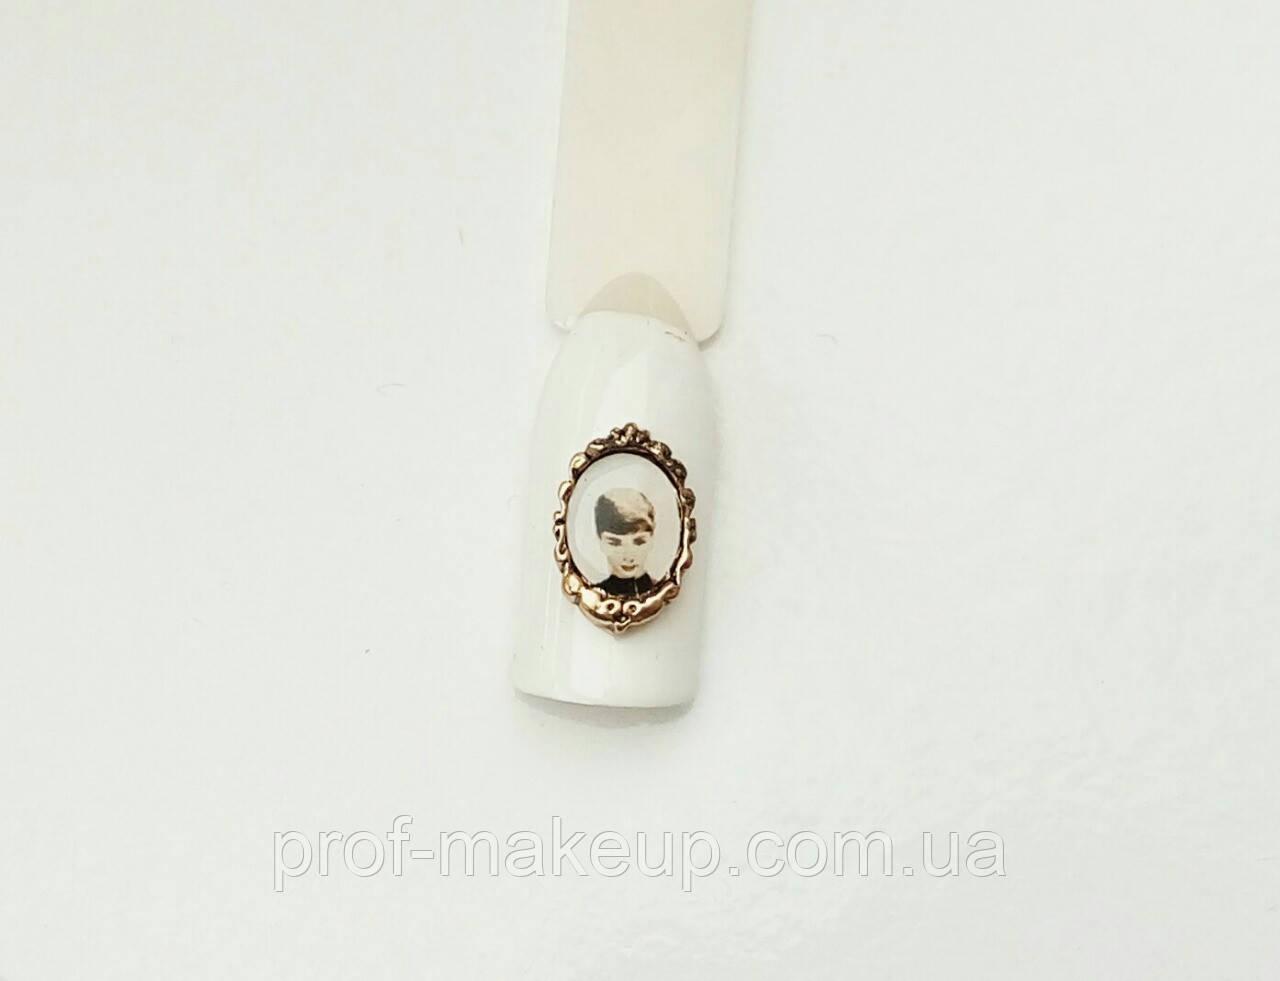 Украшение на ногти 3D Одри Хепберн.